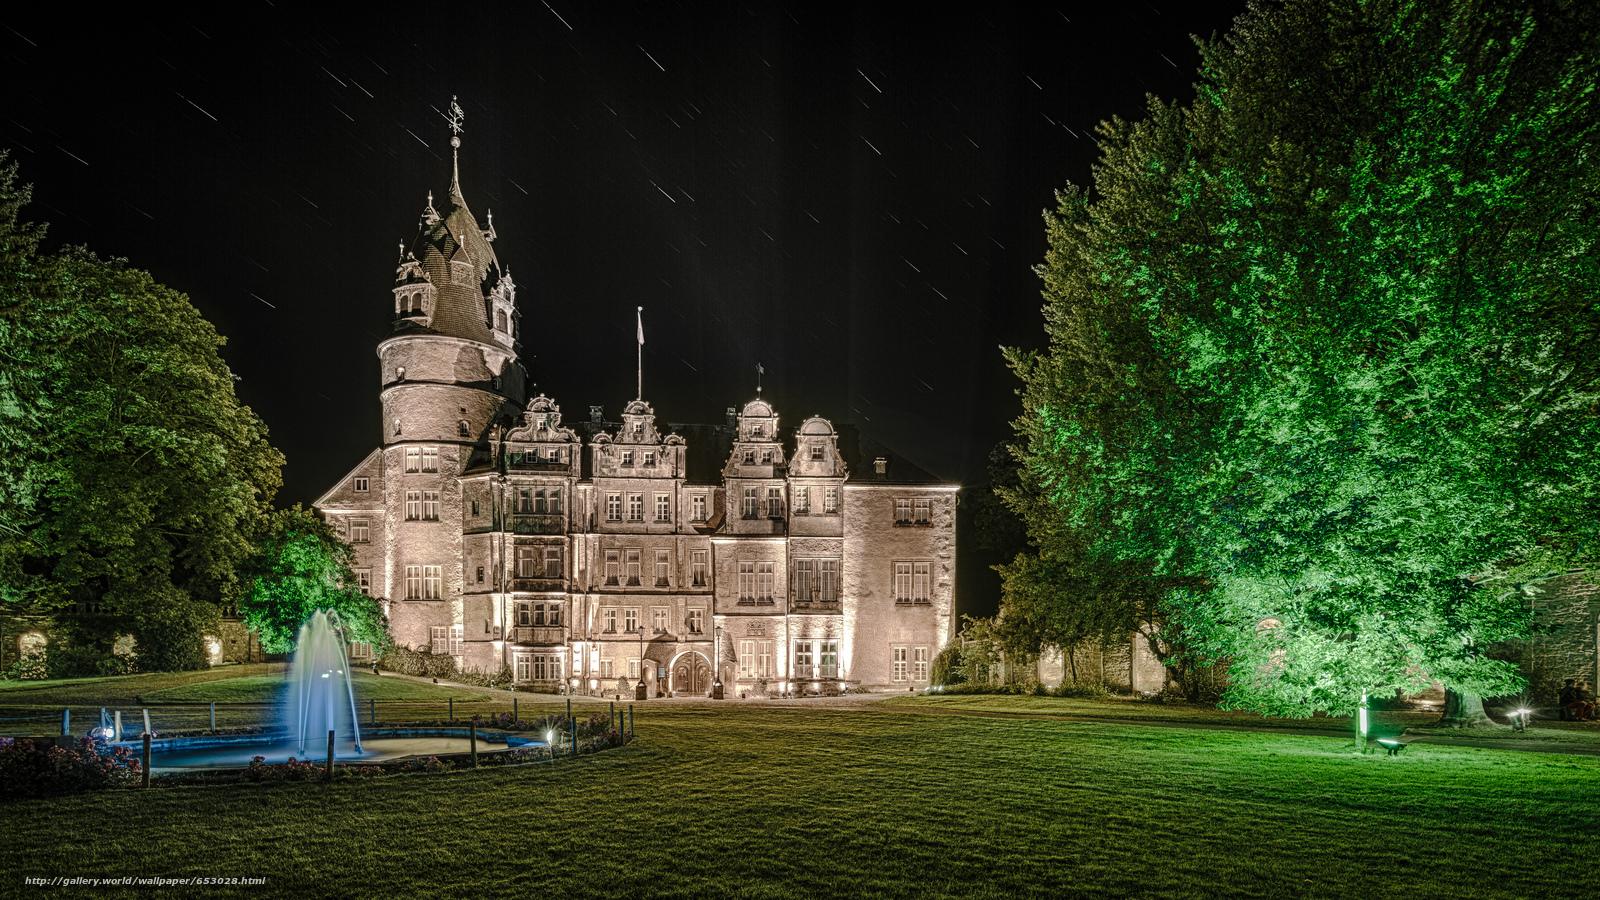 Скачать обои Замок Детмольд,  Германия,  ночь бесплатно для рабочего стола в разрешении 5760x3240 — картинка №653028